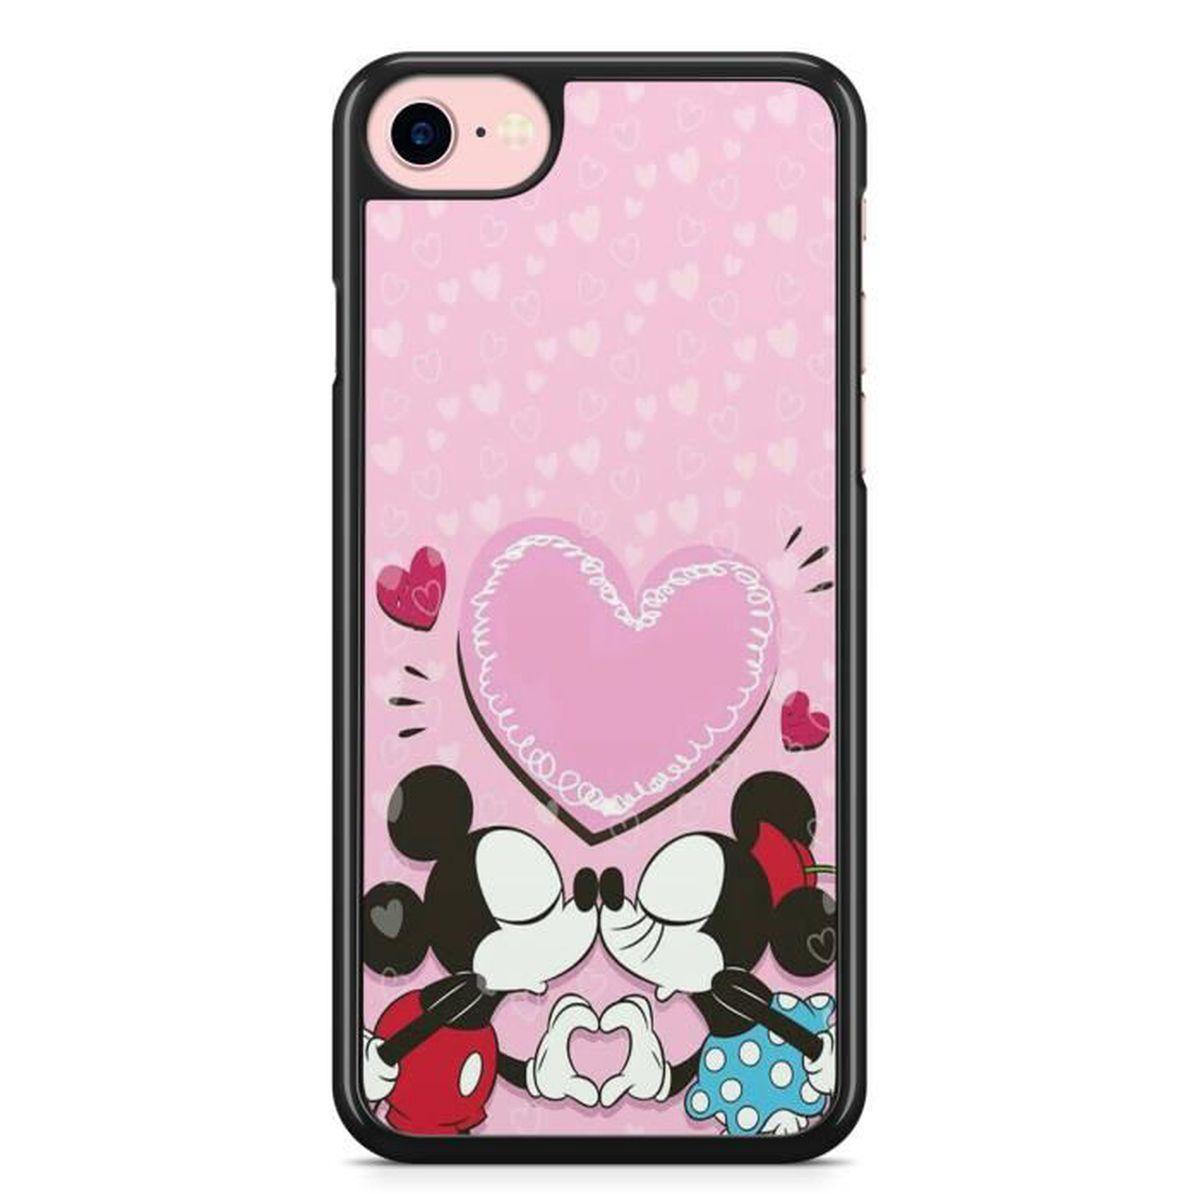 coque iphone 7 et 8 mickey minnie st valentin etui